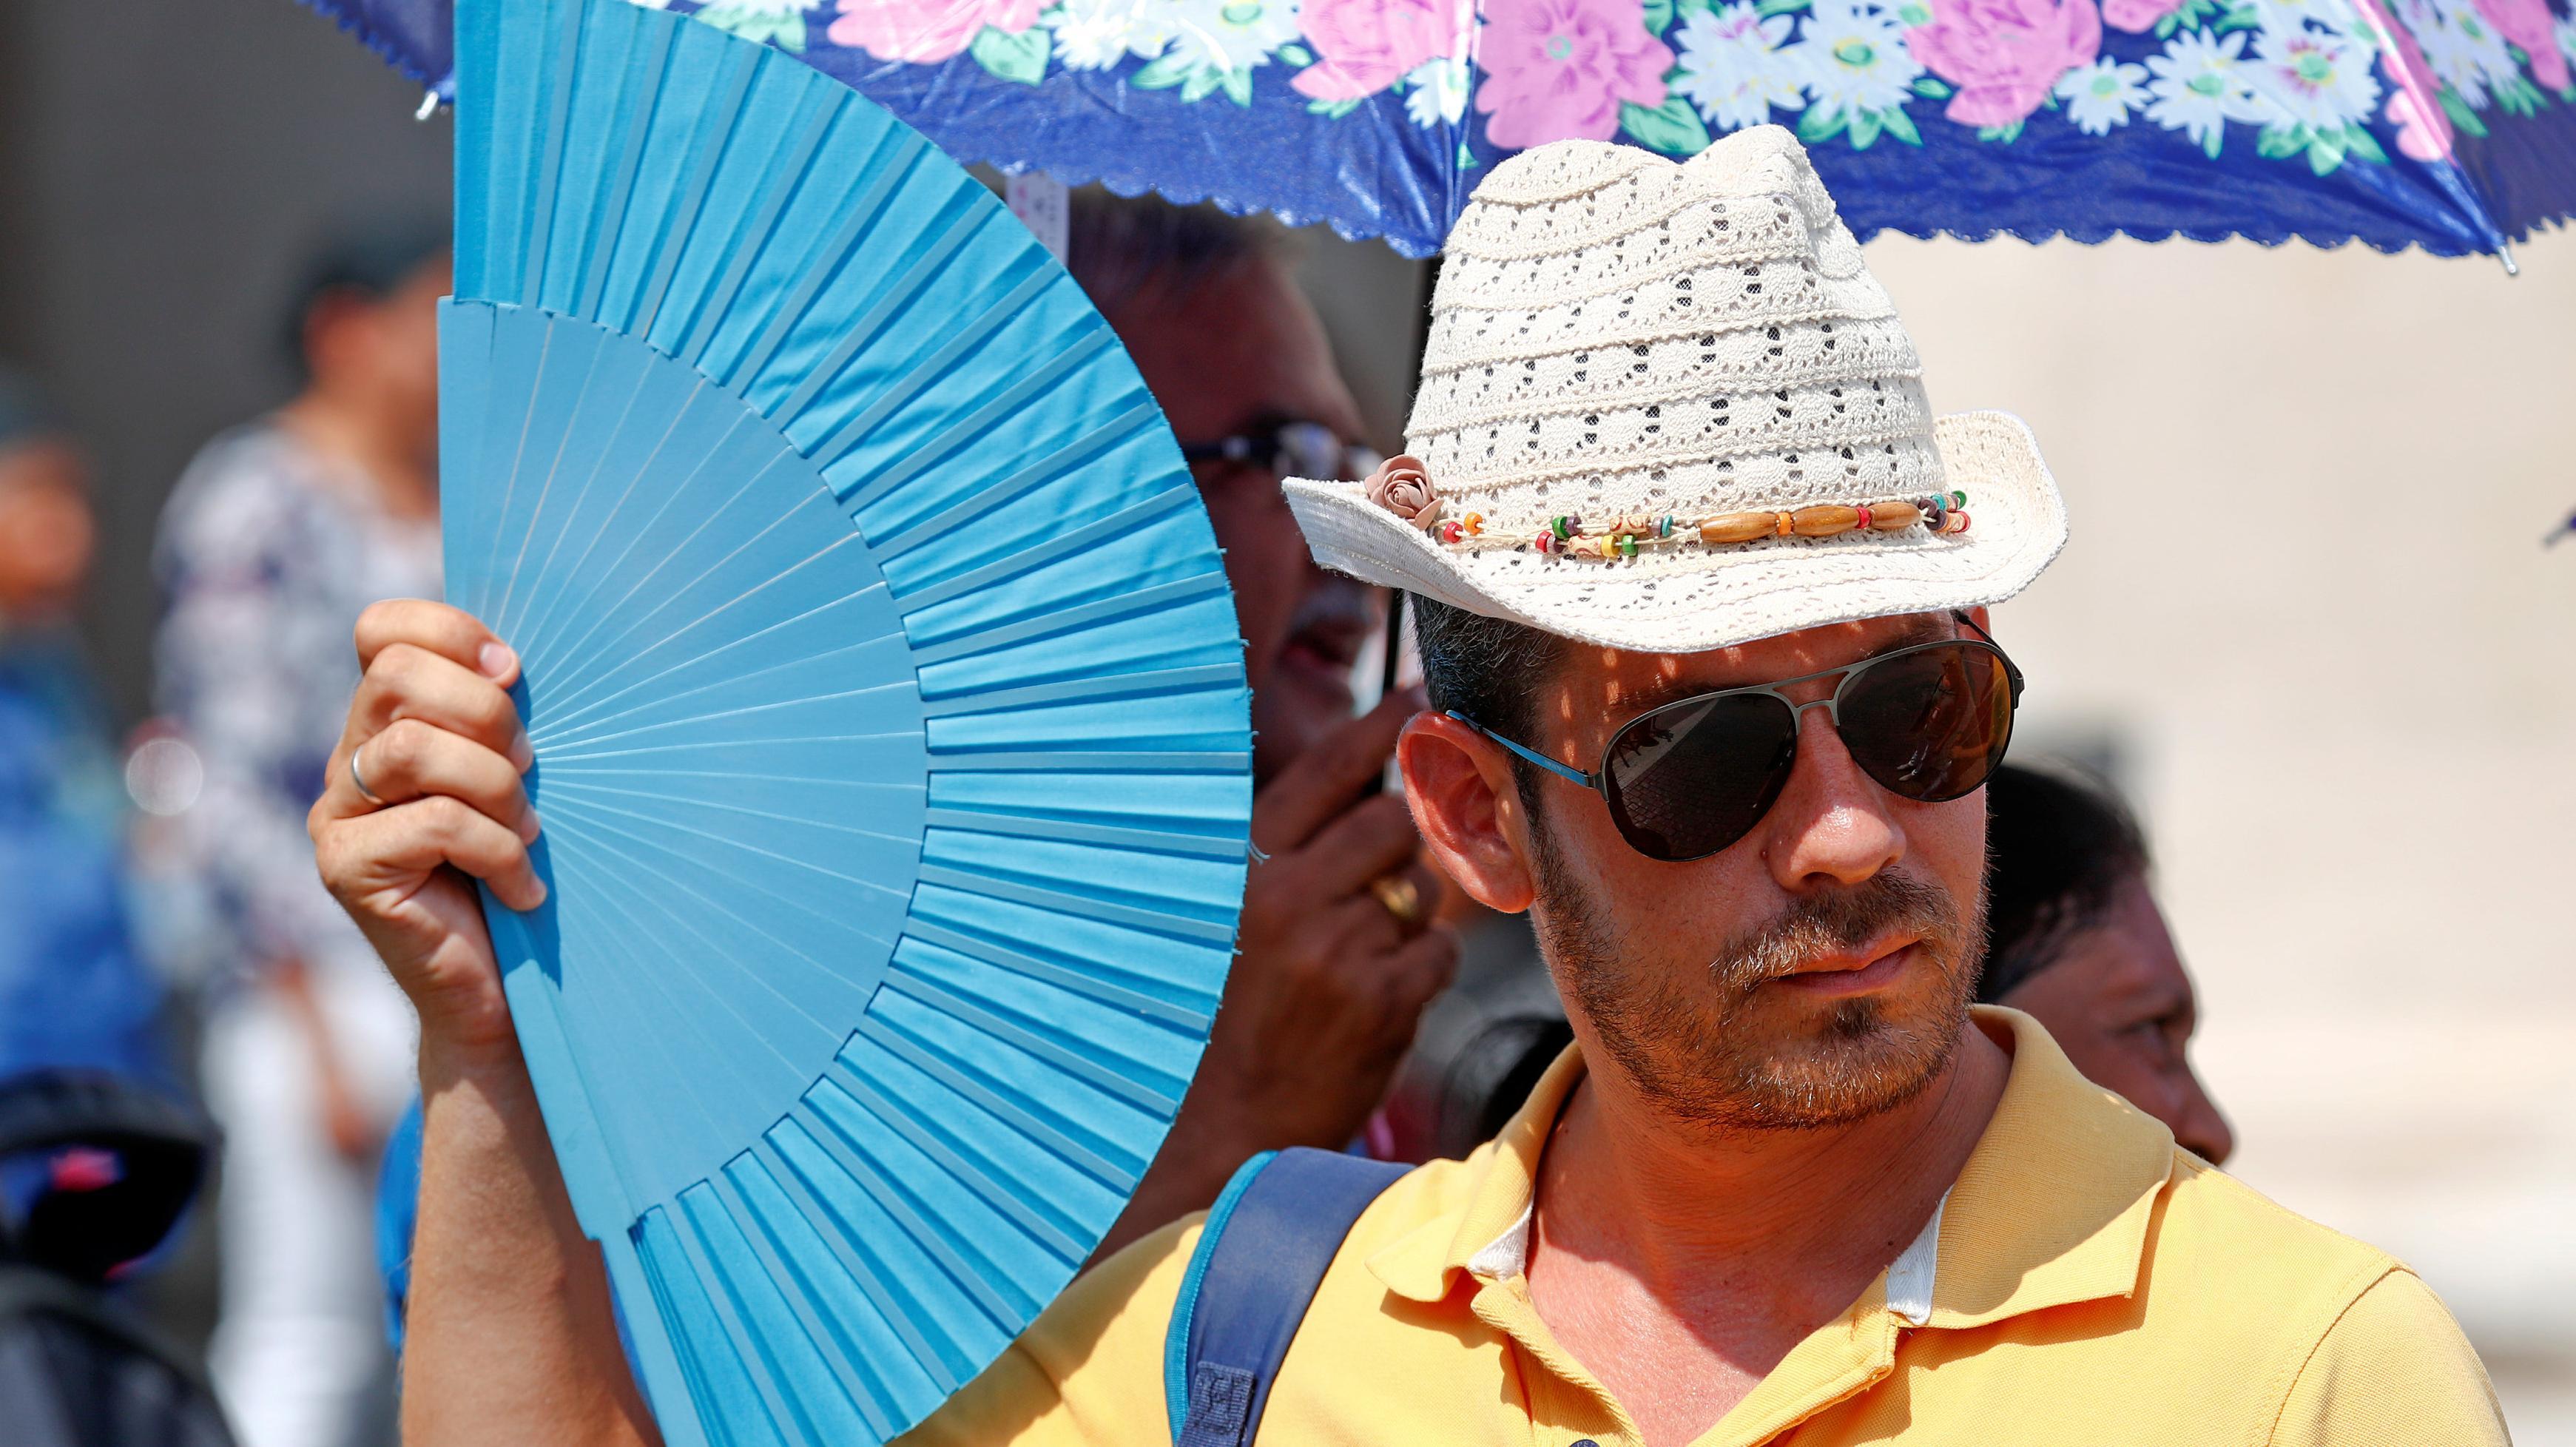 תייר בוותיקן מנפנף במניפה כדי להתגונן מפני החום הקופח, 4 באוגוסט 2018